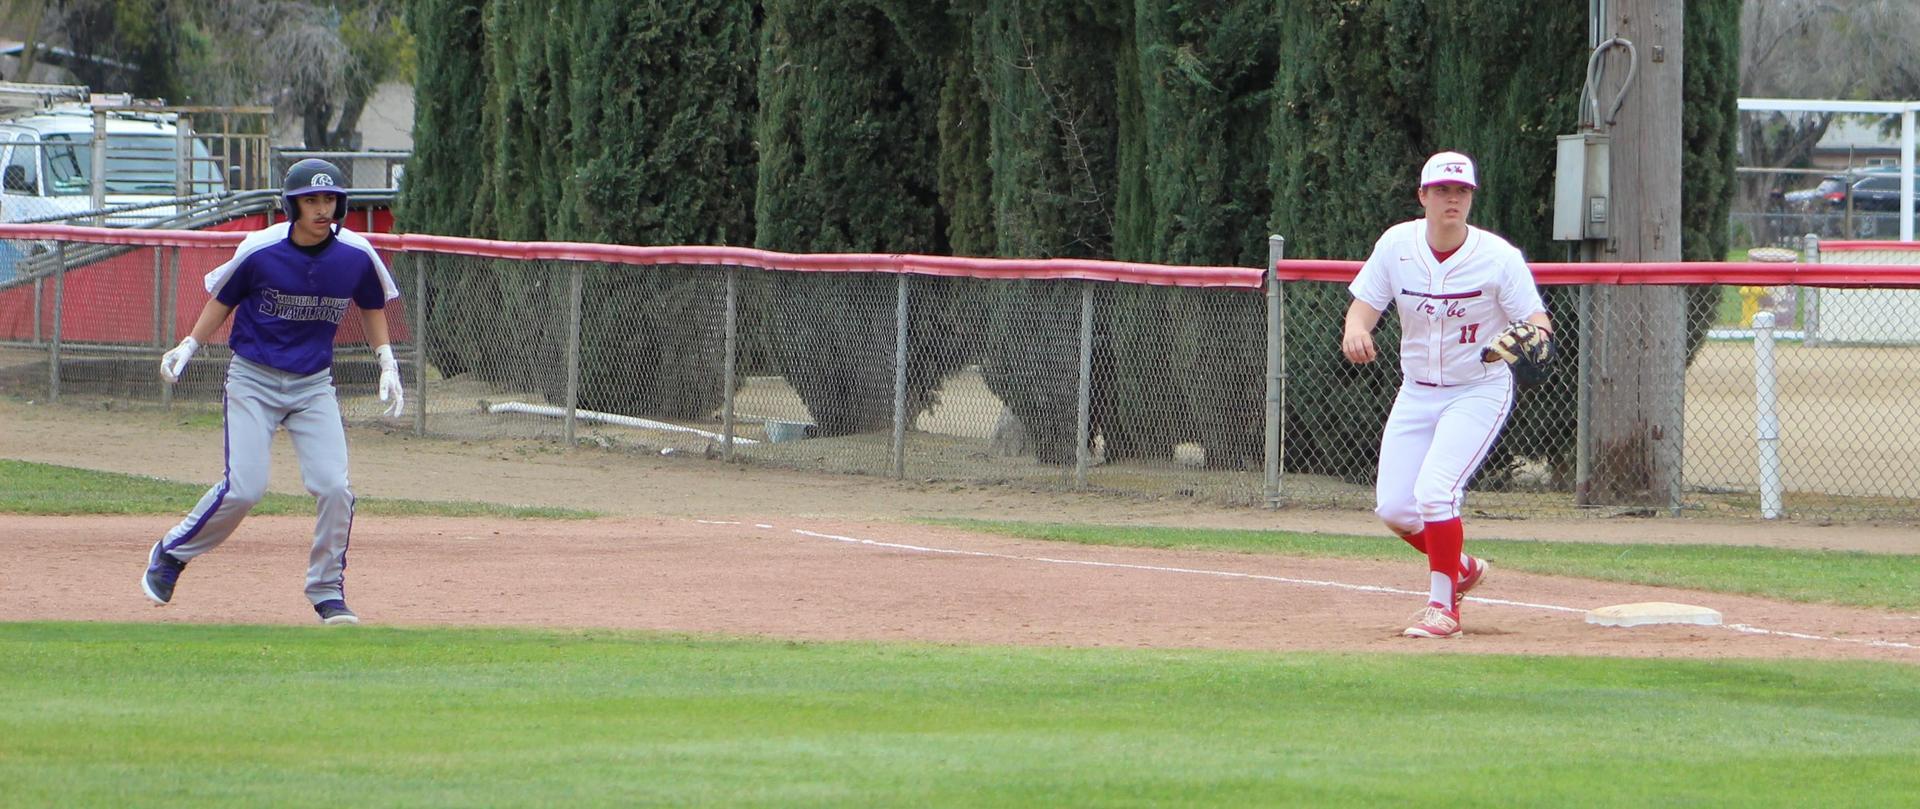 Varsity boys playing baseball against Madera South